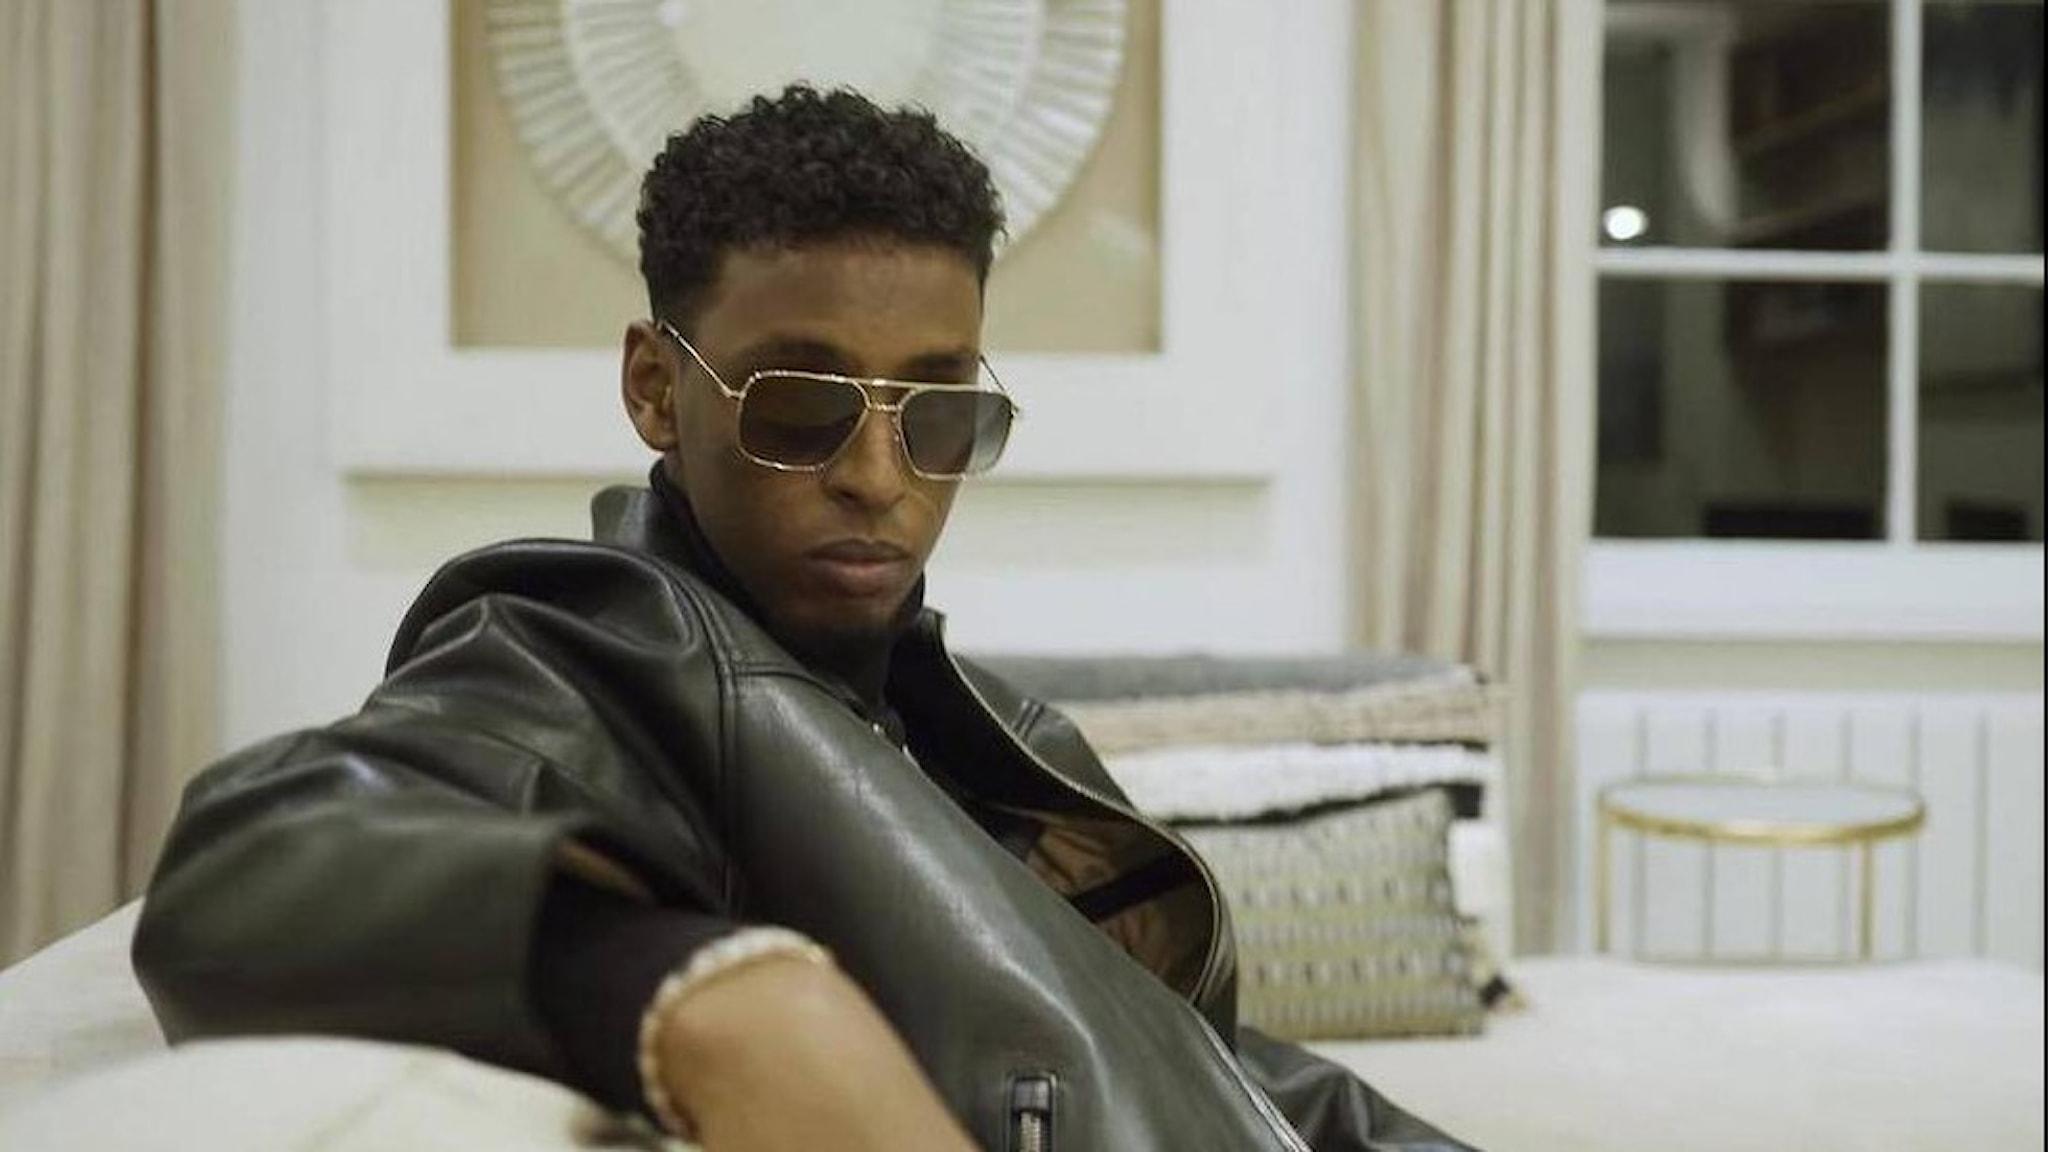 Artisten Yasin sitter i en soffa, han har solglasögon och en svart skinnjacka.